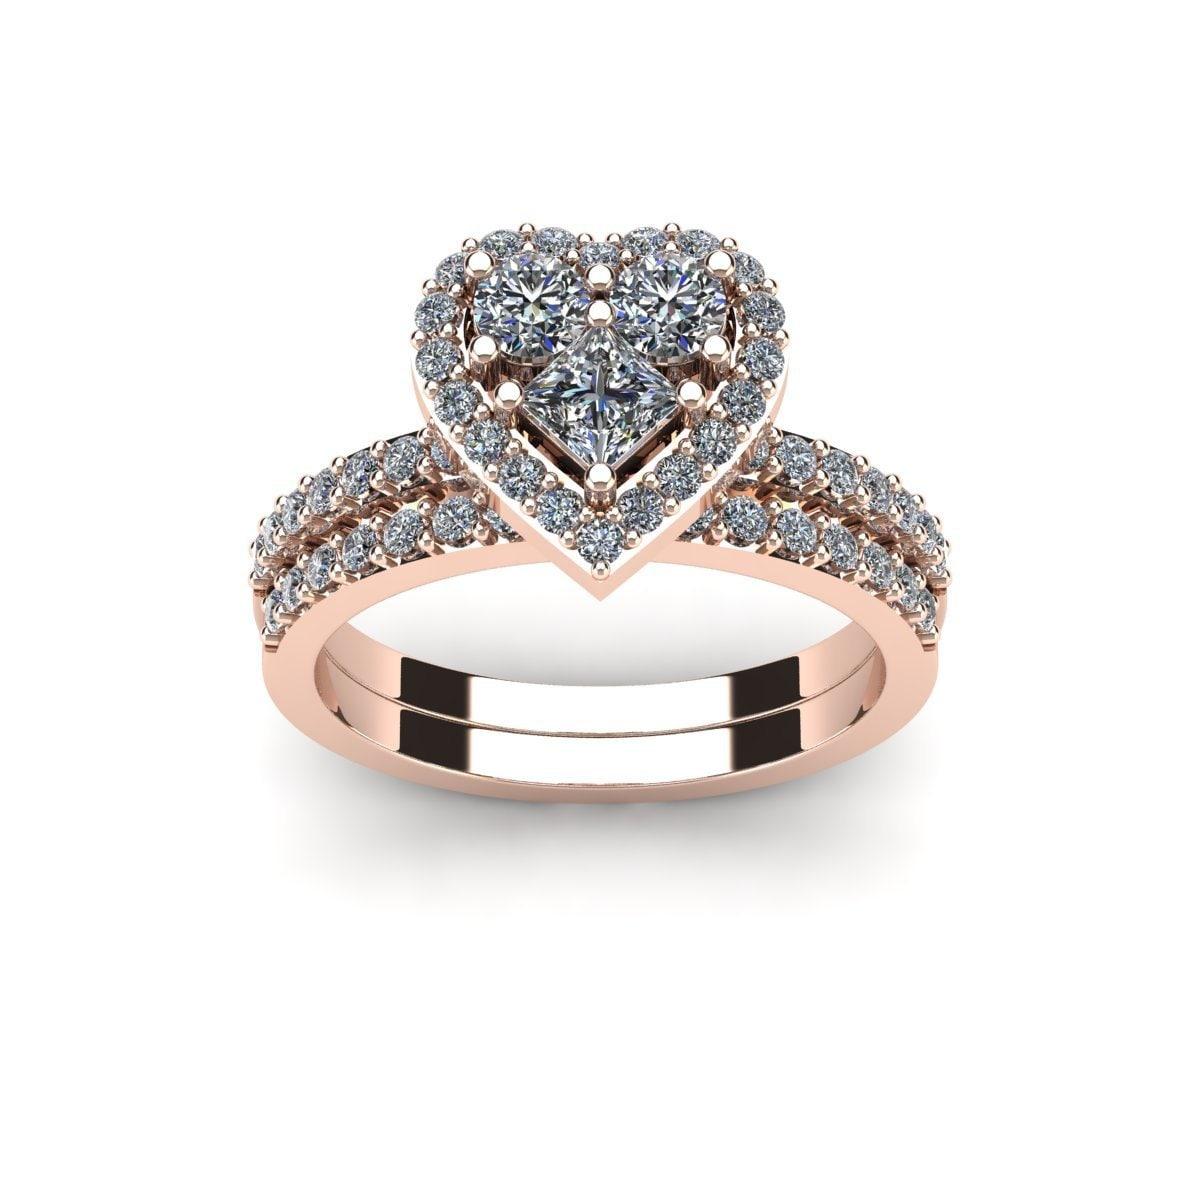 Shop 1 Carat Heart Shaped Bridal Engagement Ring Set In 14k Rose